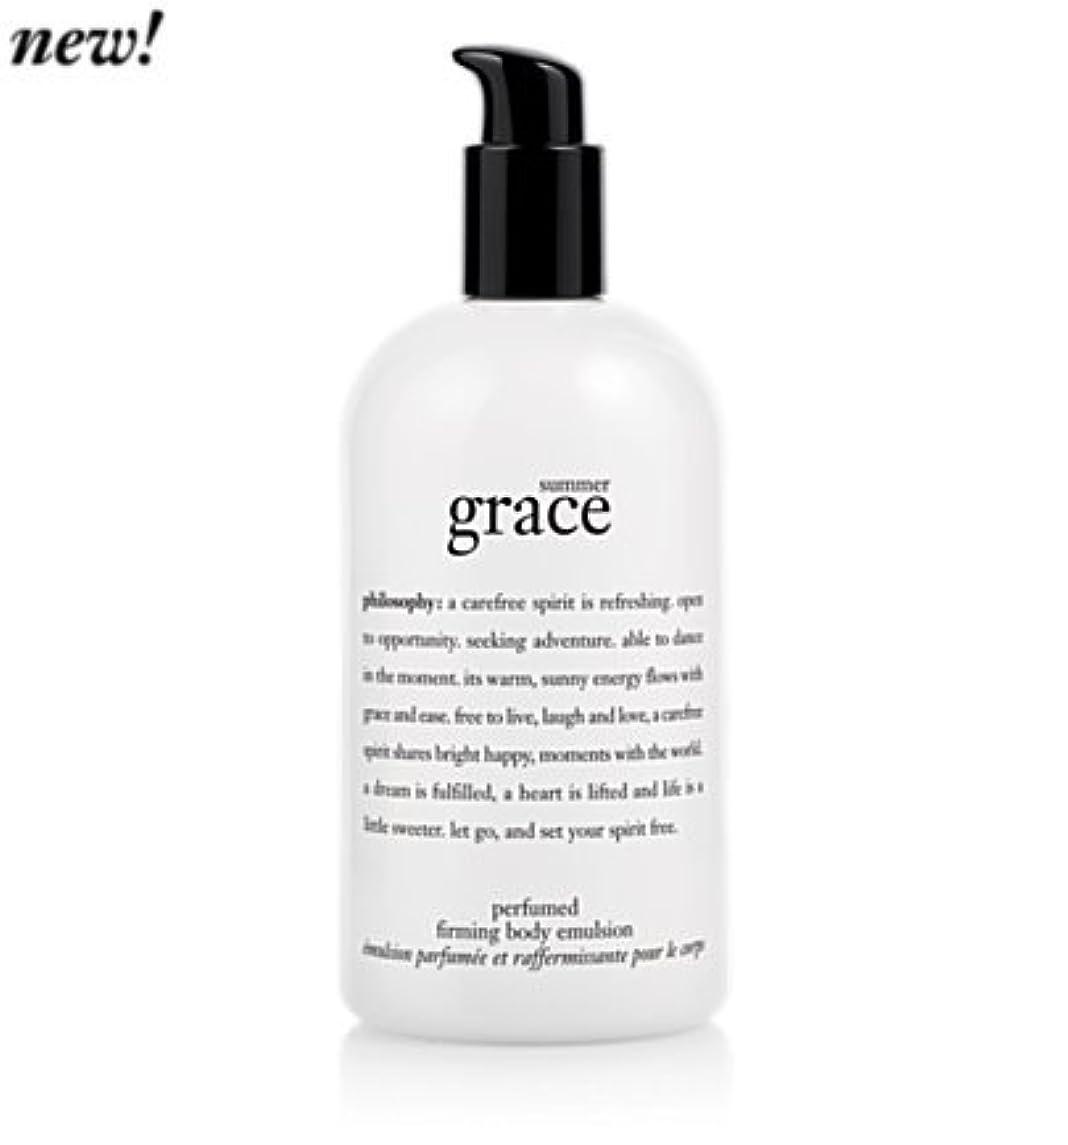 損傷履歴書トムオードリース'summer grace (サマーグレイス) 16.0 oz (480ml) perfumed firming body emulsion for Women